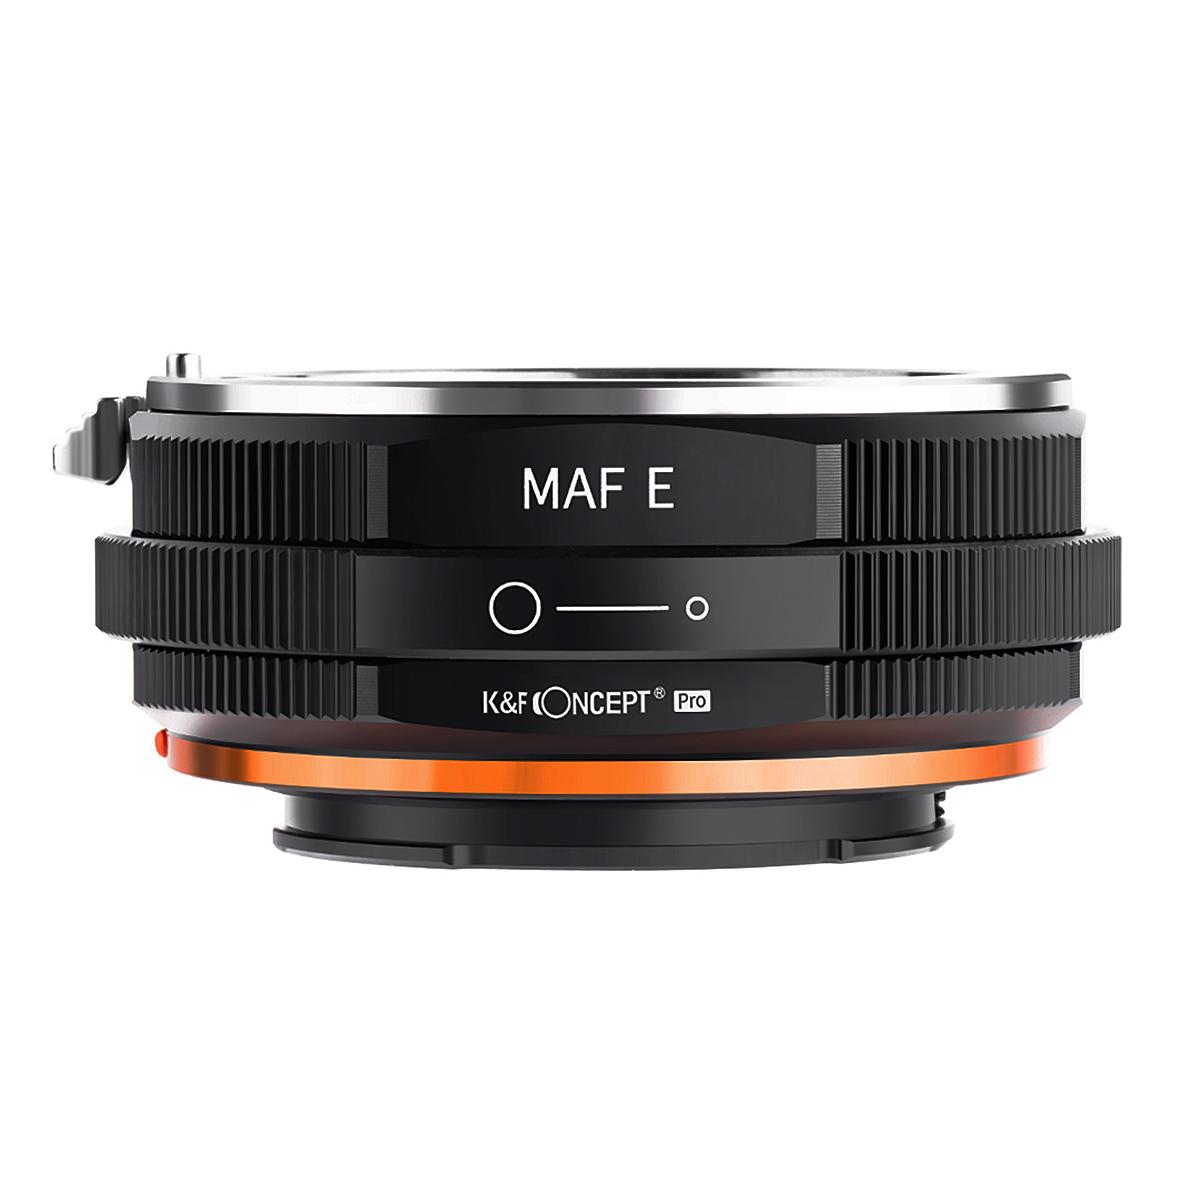 K&F Concept KF-AAE.P(ソニー[ミノルタ]Aマウントレンズ → ソニーEマウント変換)レンズマウントアダプター 絞りリング付き